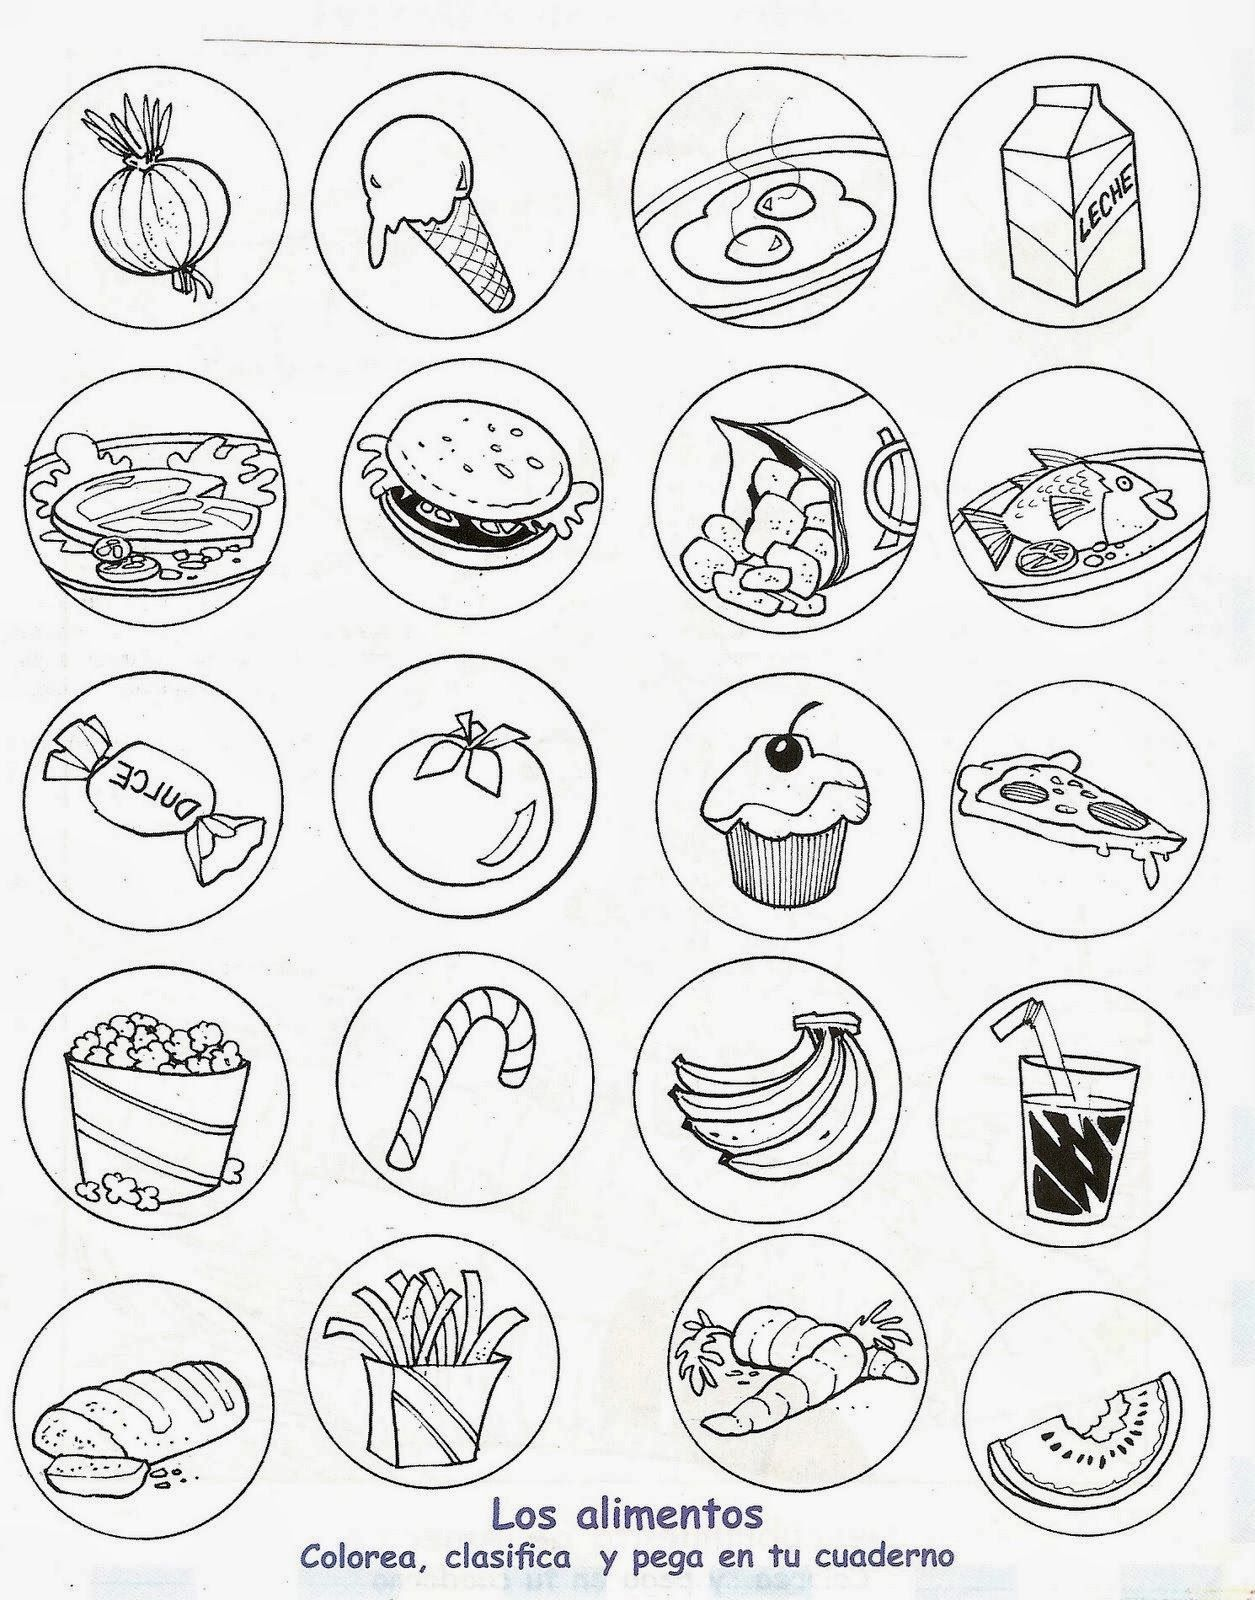 Alimentos saludables y alimentos chatarra para colorear - Coloriage domino ...